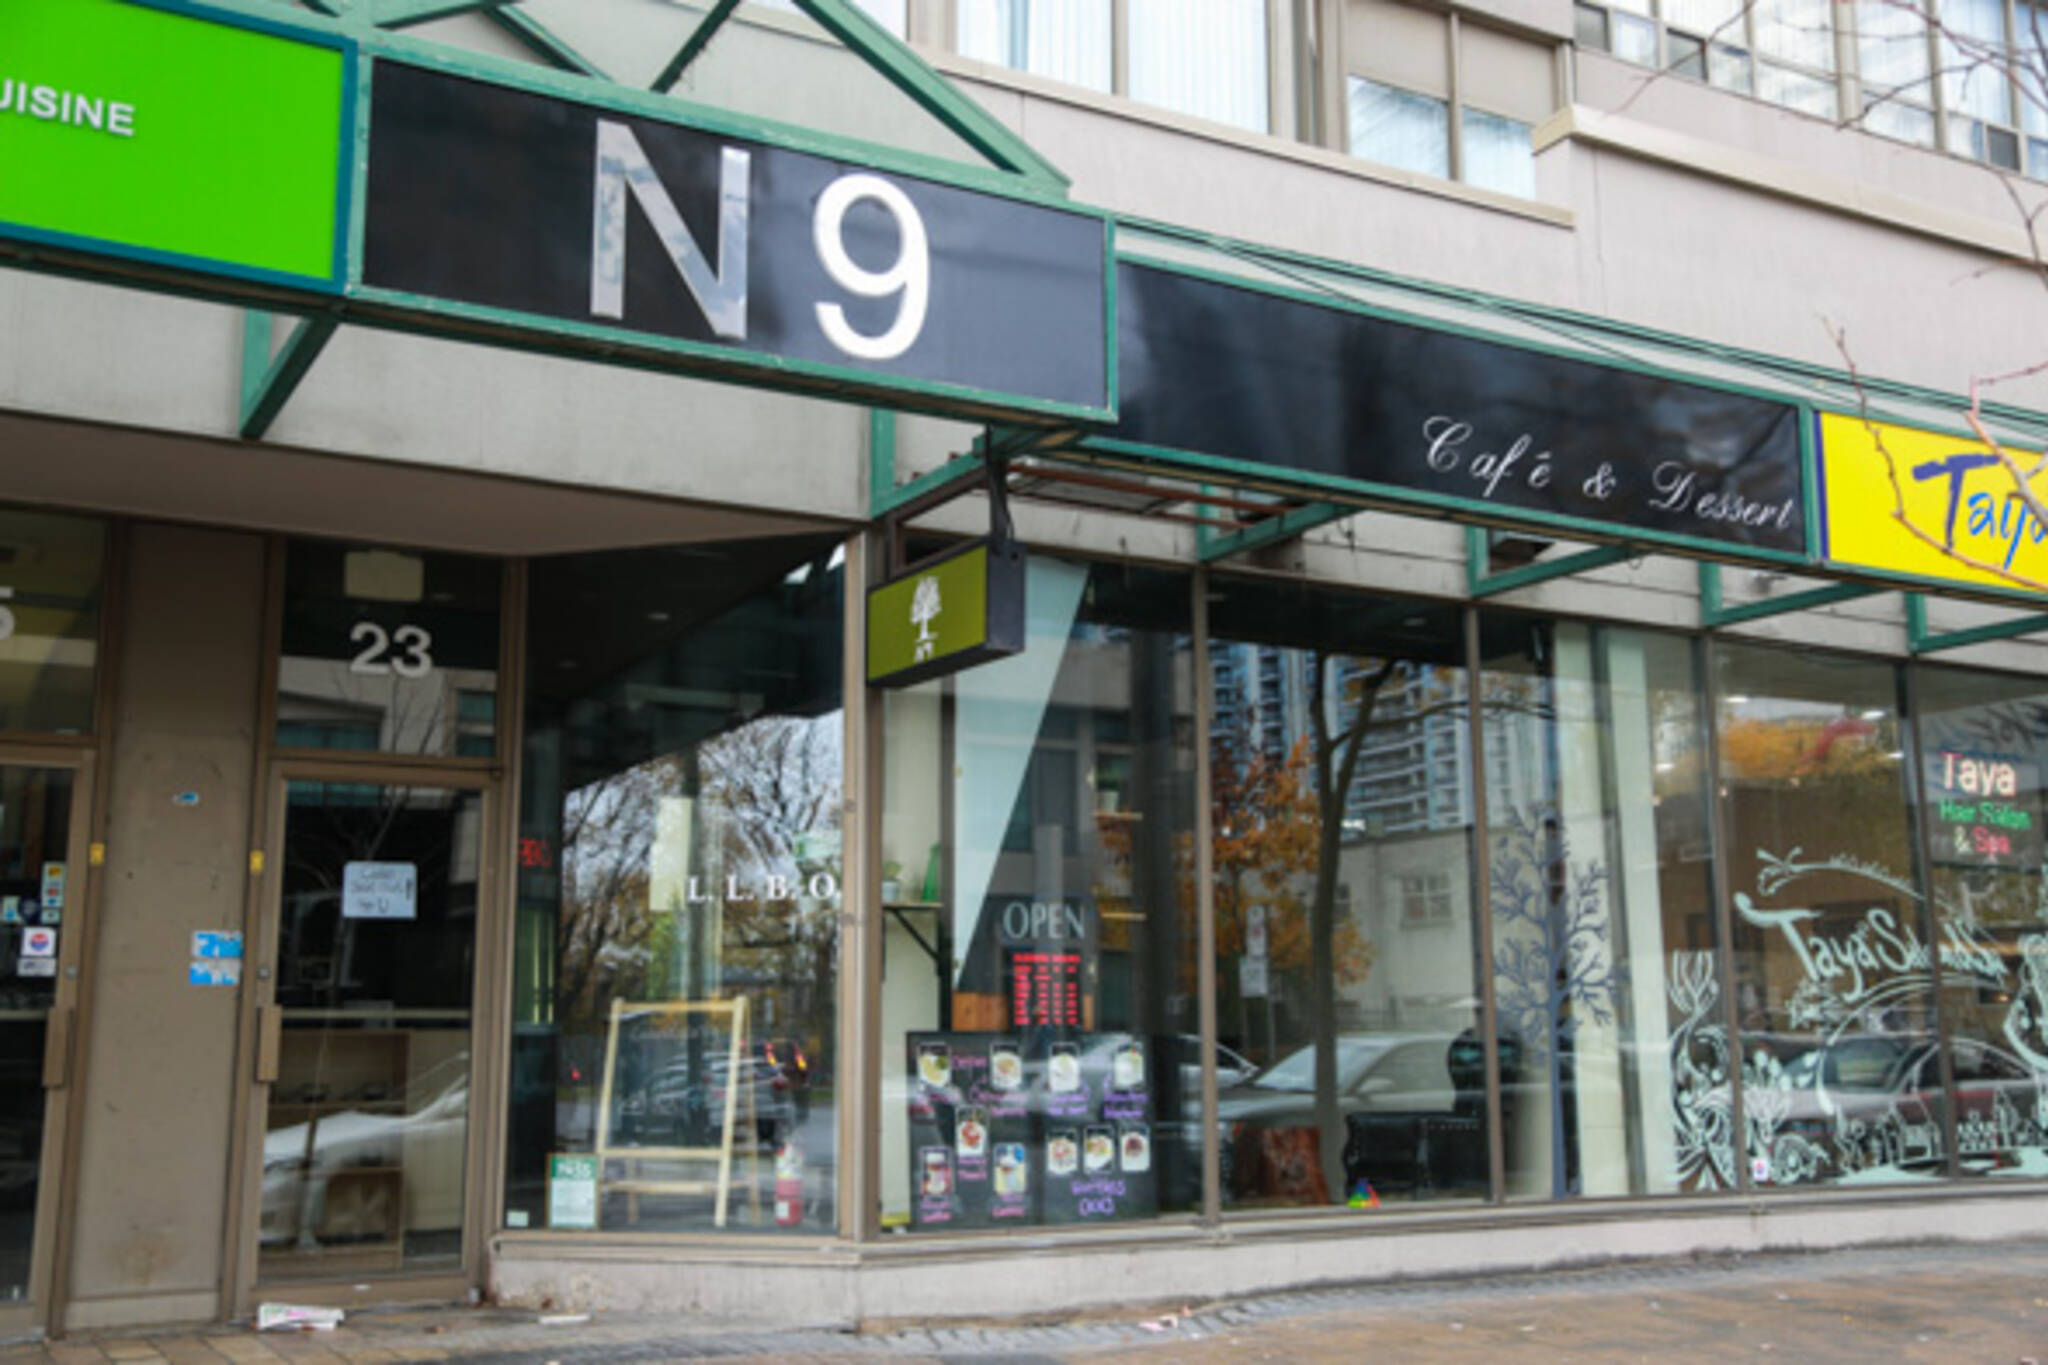 n9 cafe